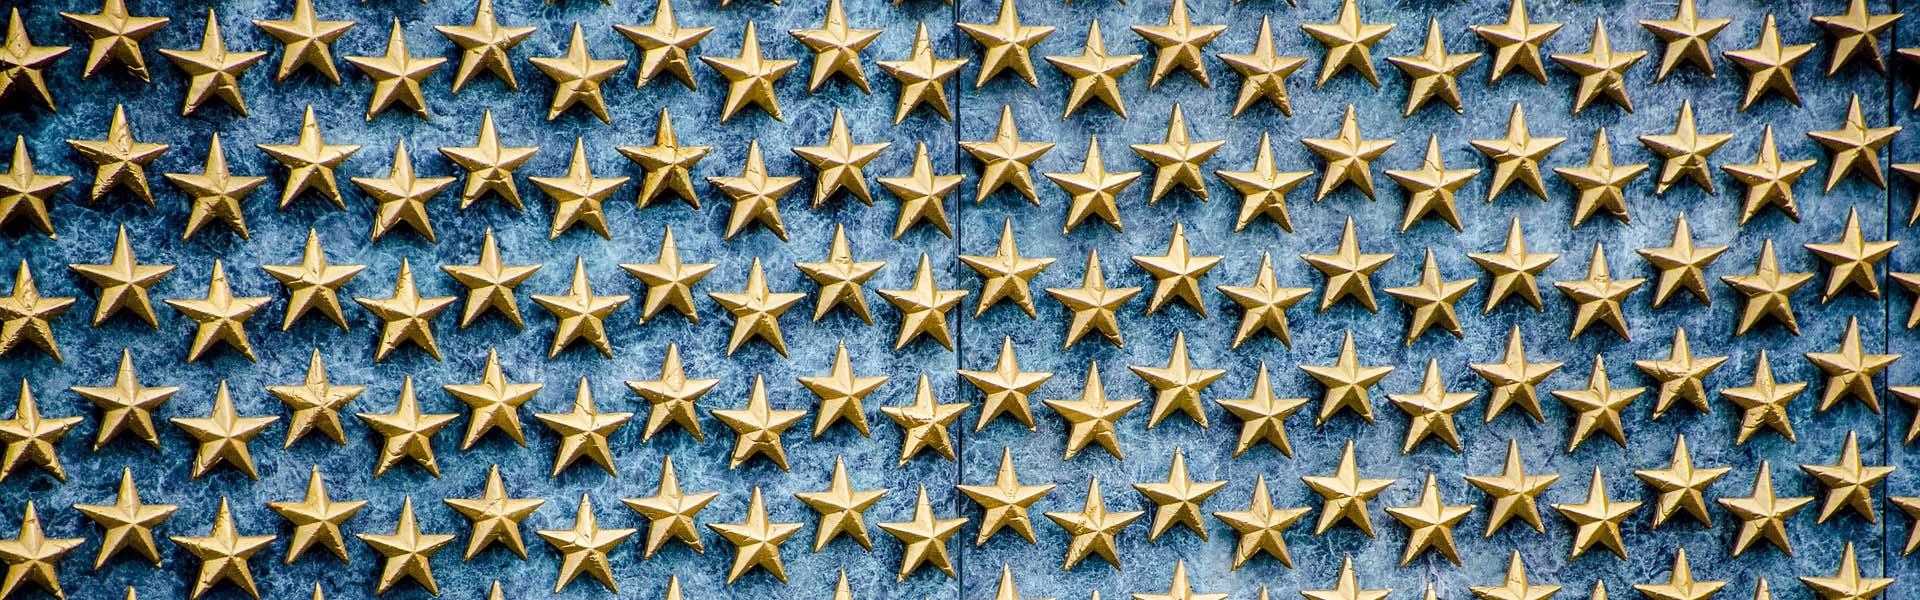 half-stars